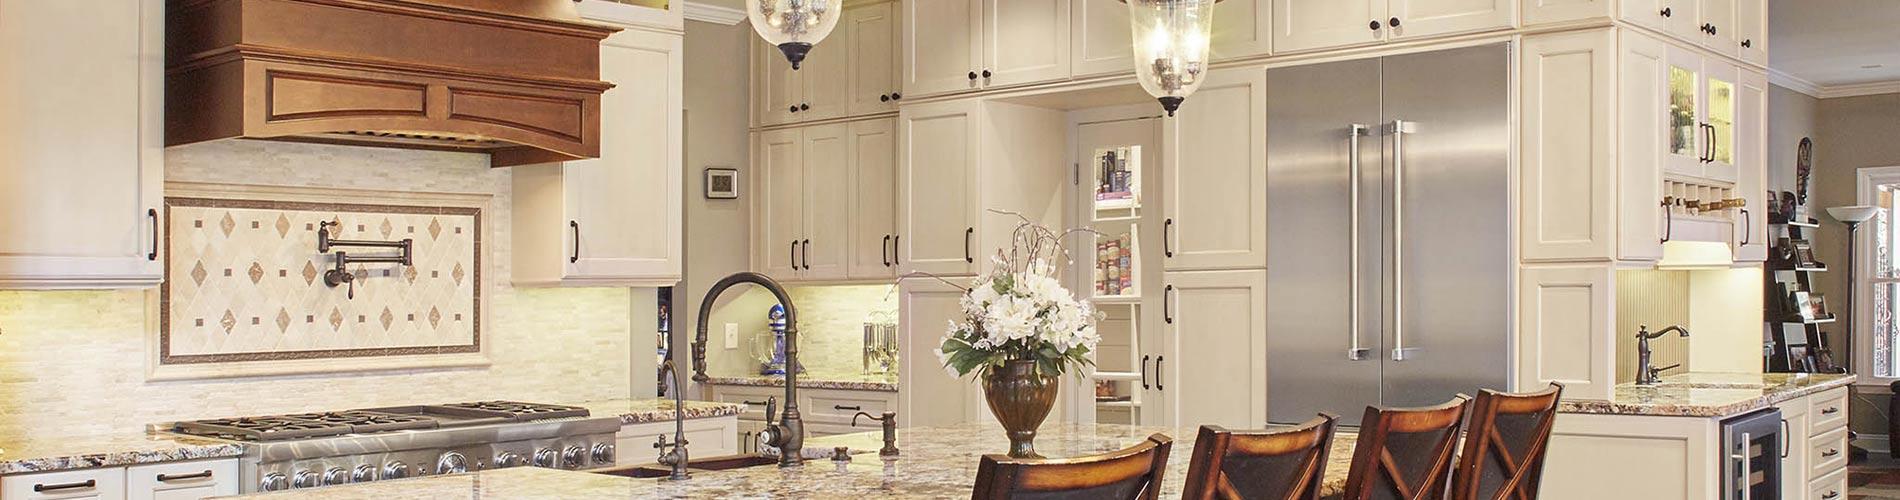 Kitchen & Bath Design Center - Stuart, Fl - Flooring Usa